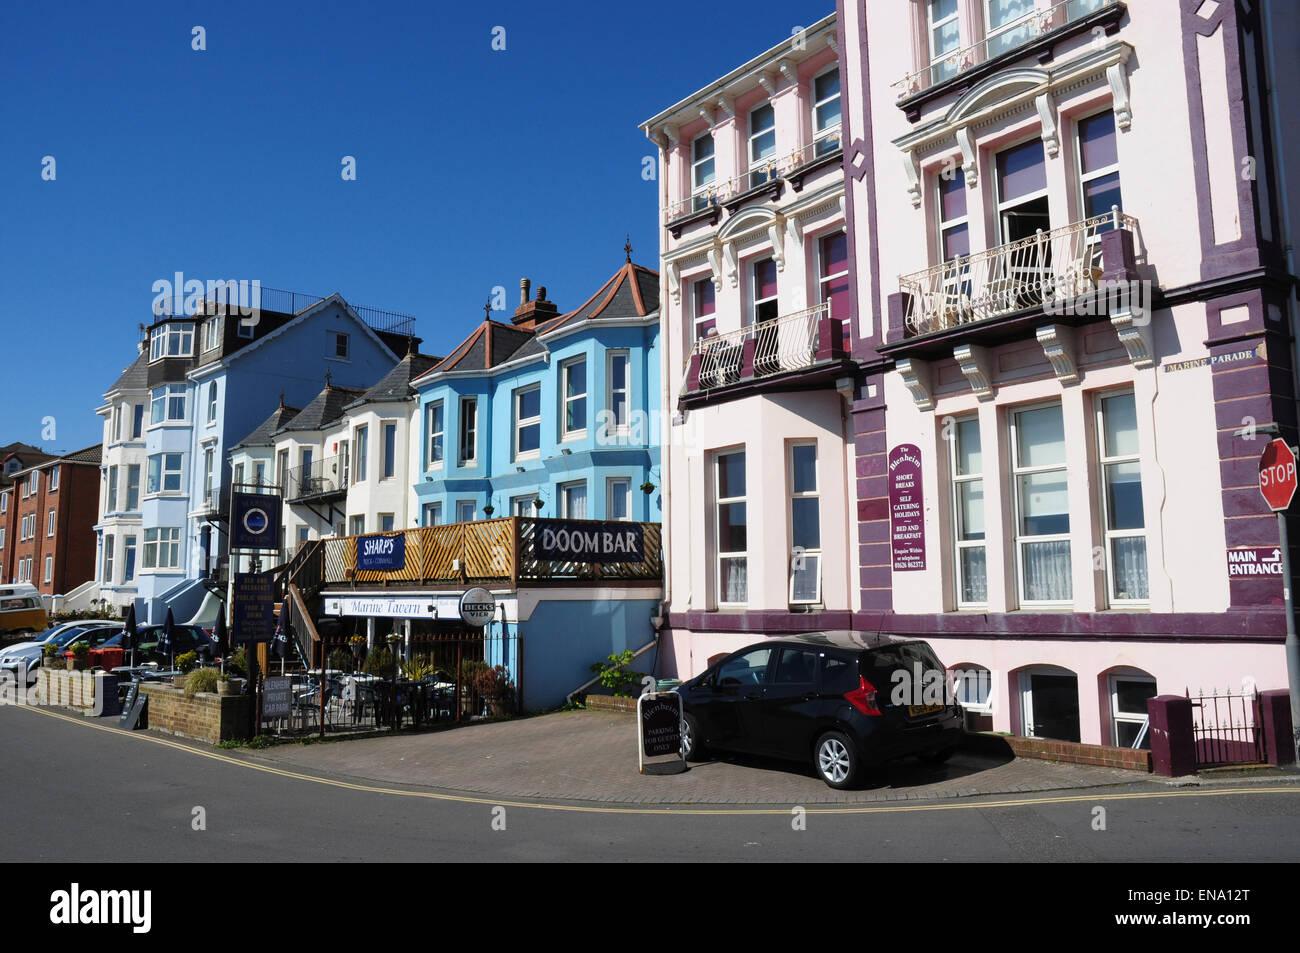 Marine Parade, Dawlish, Devon, England, UK - Stock Image